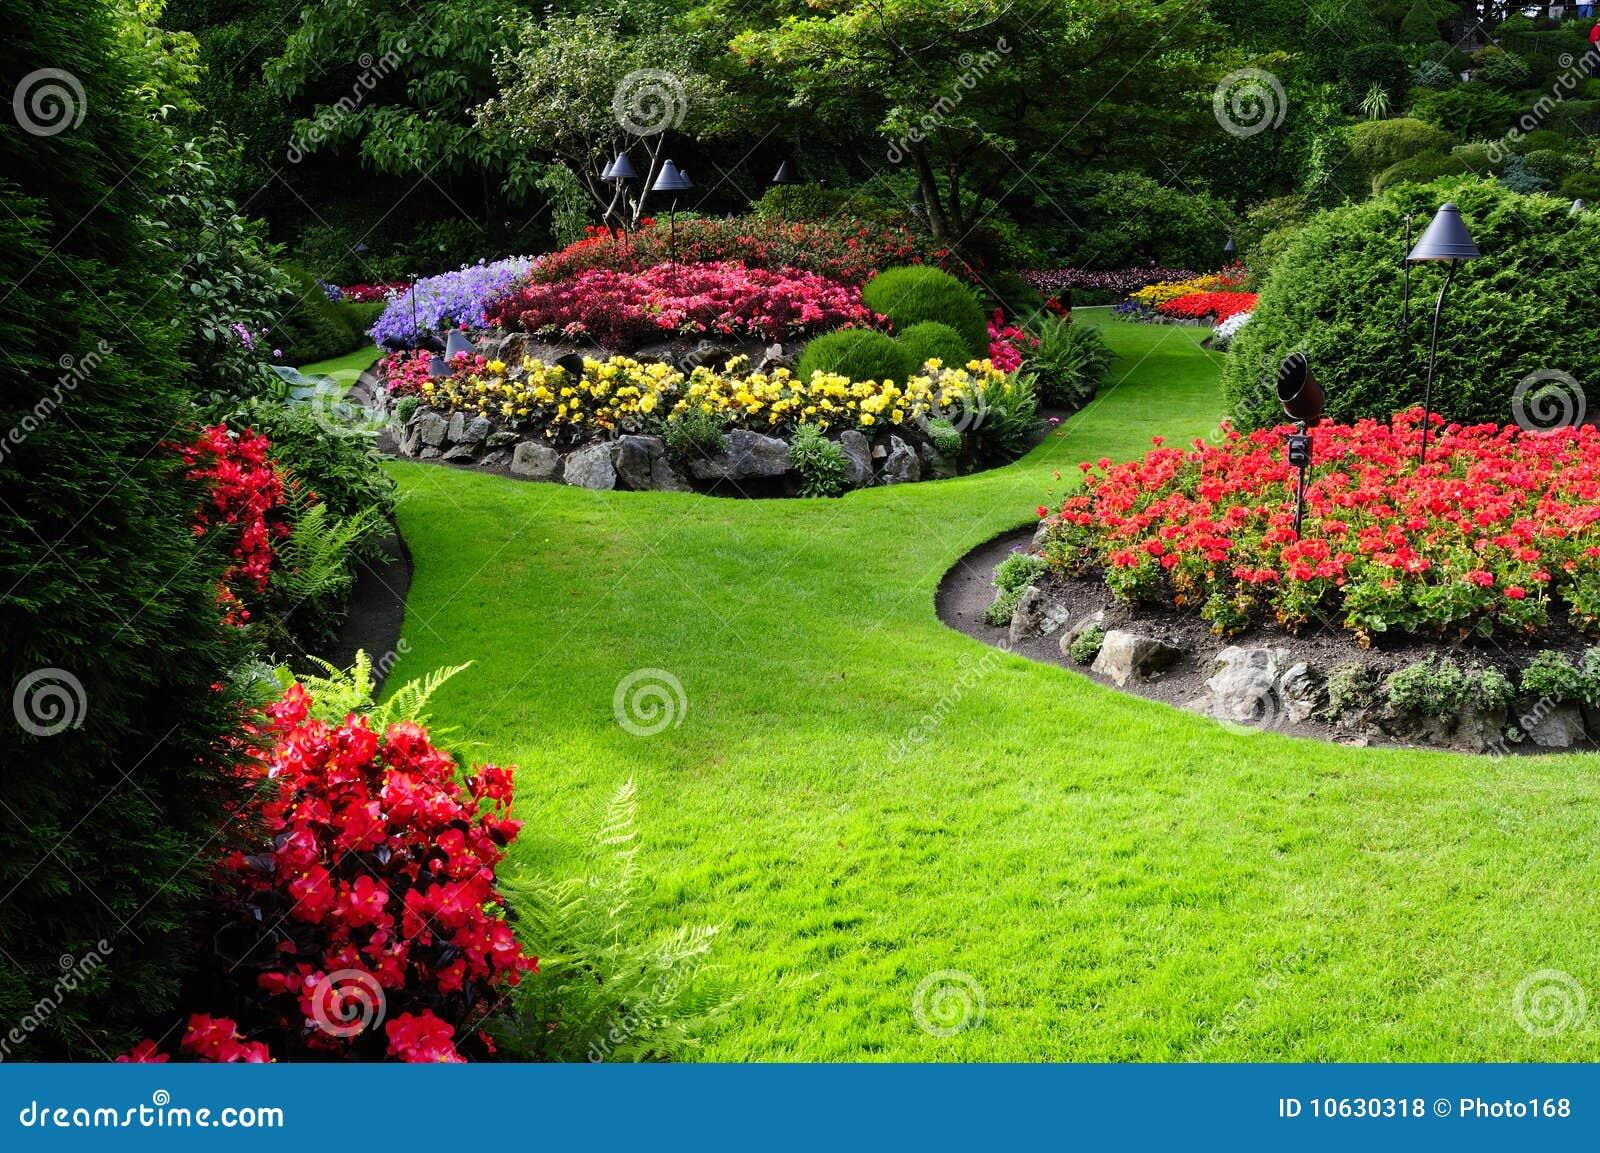 Formal Garden Royalty Free Stock Photos Image 10630318